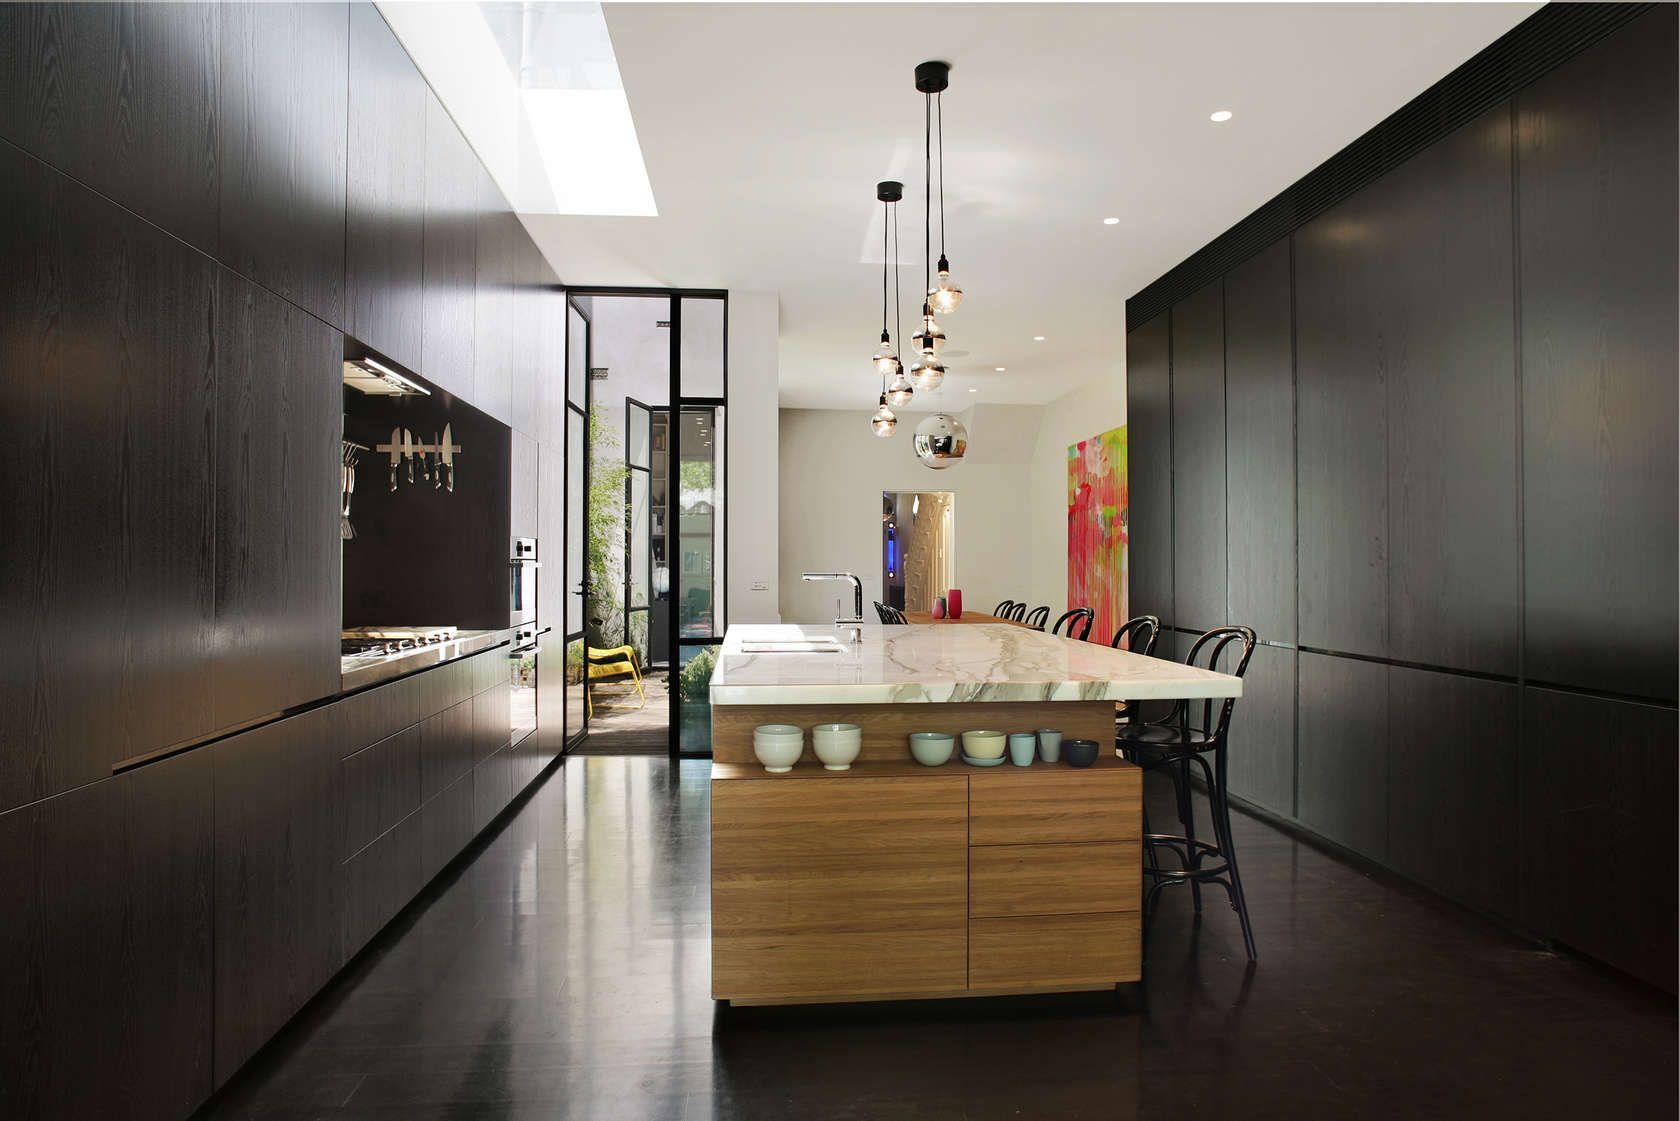 100 idee di cucine moderne con elementi in legno | Colore nero ...